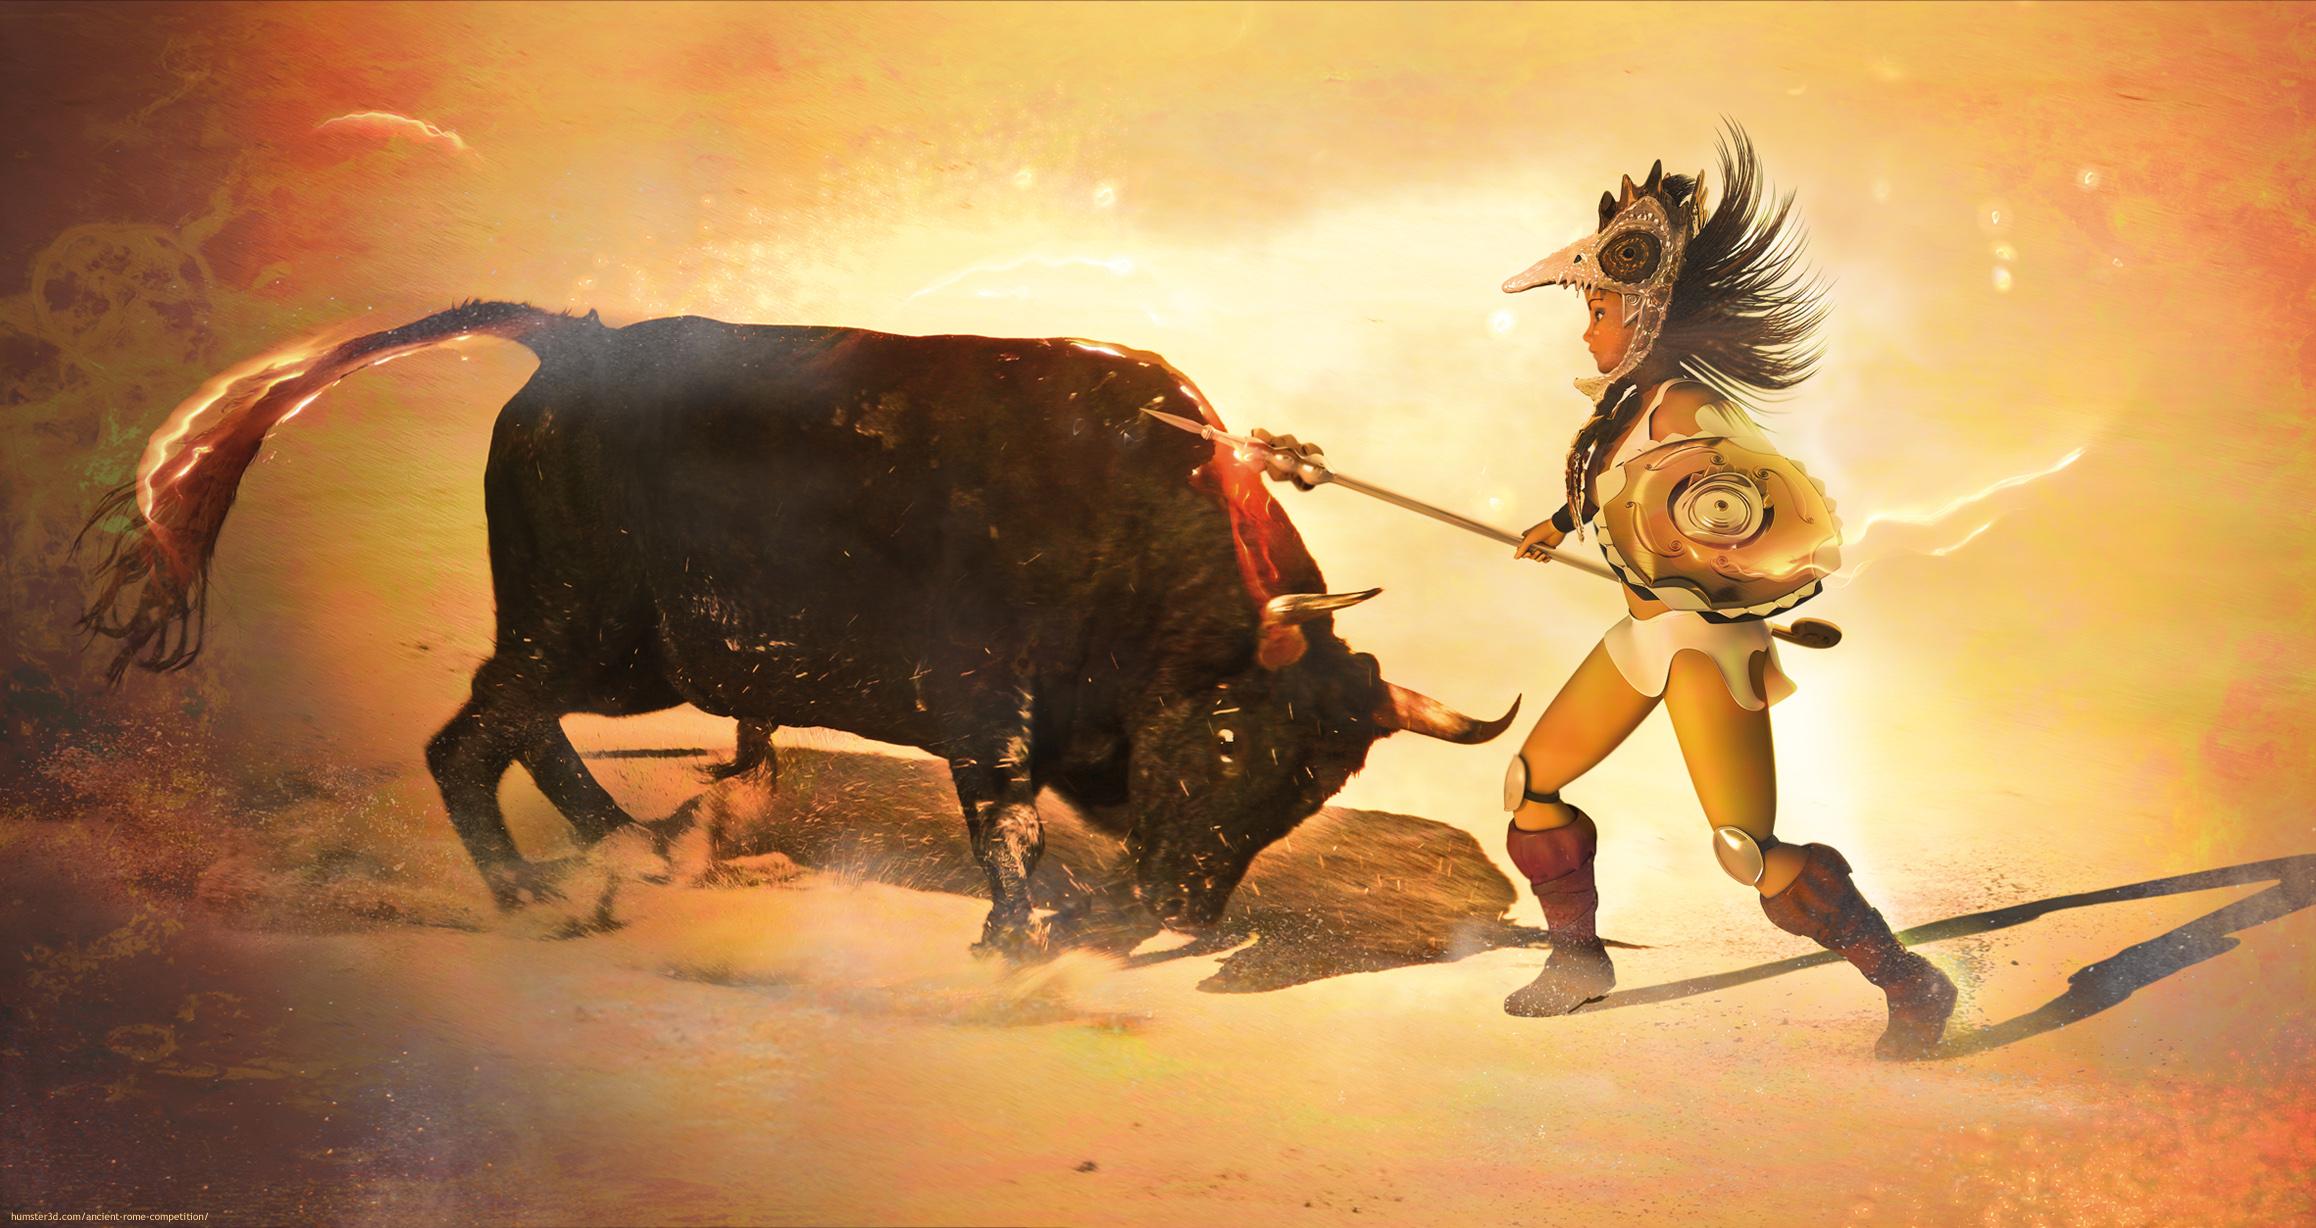 Raging Bull 3d art